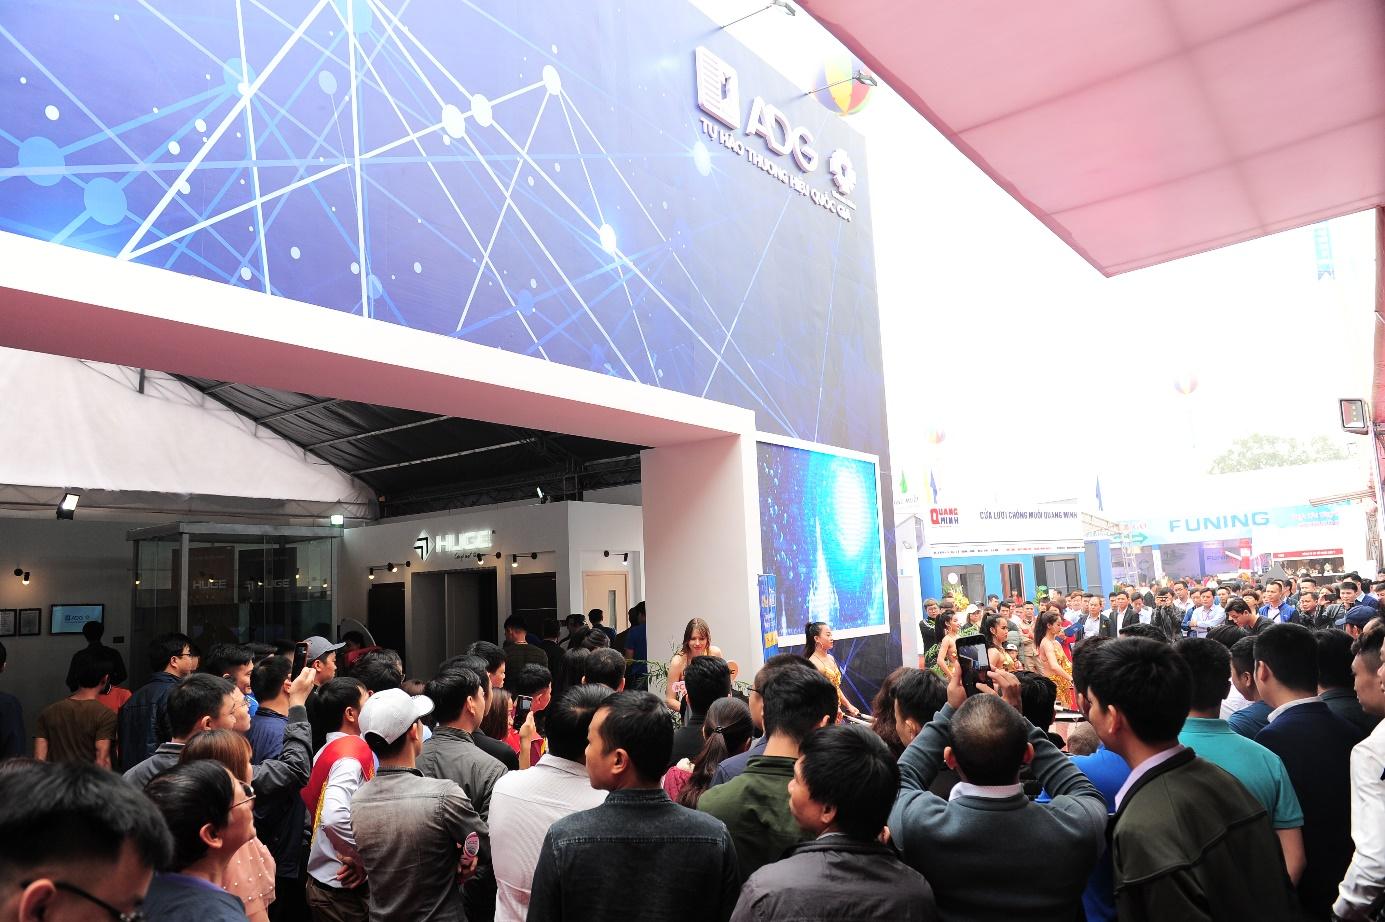 Ngay trong ngày đầu khai mạc, khu trưng bày của Austdoor đã đón hàng ngàn lượt khách đến tham quan